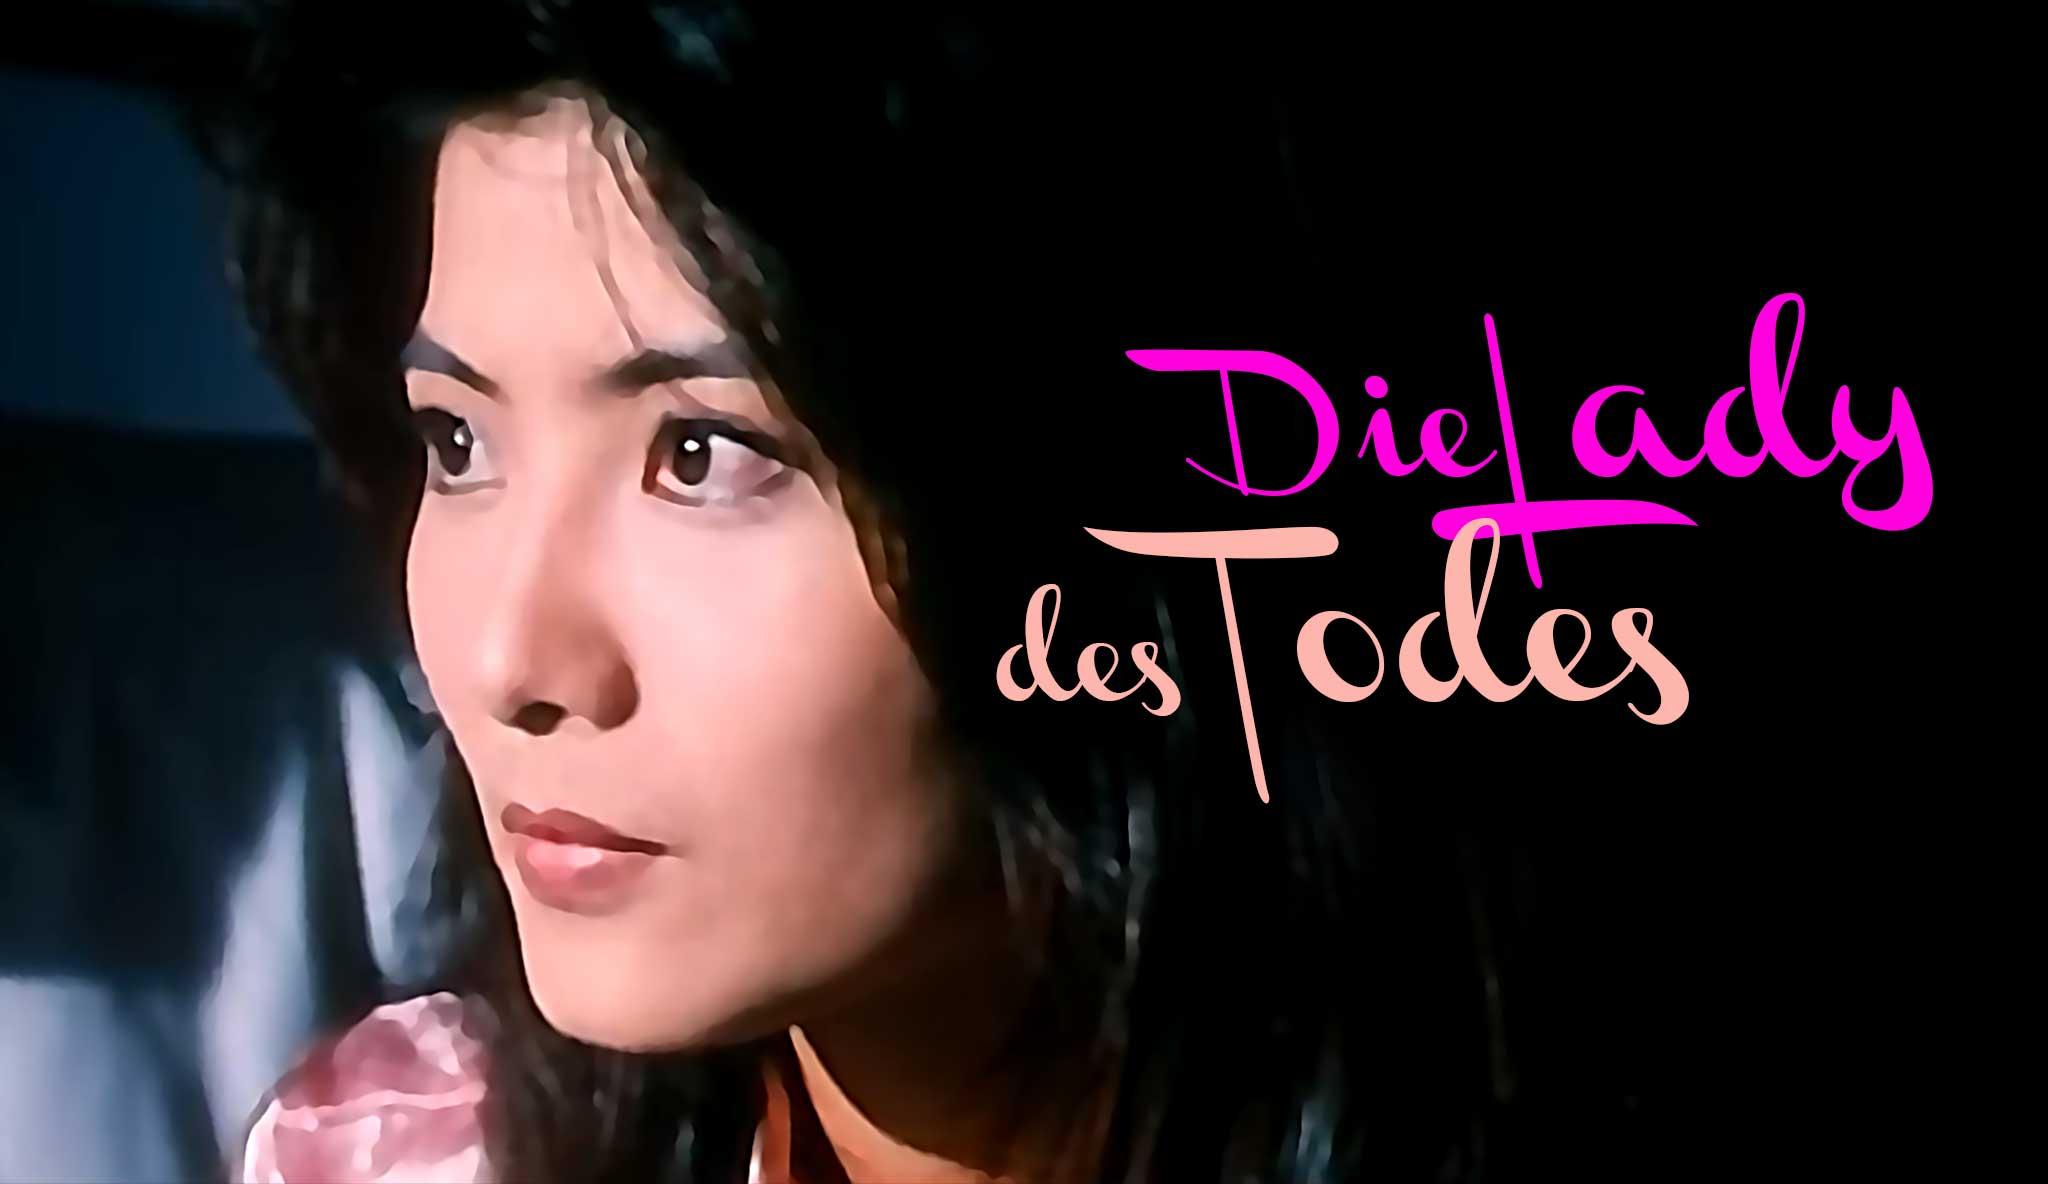 die-lady-des-todes\header.jpg